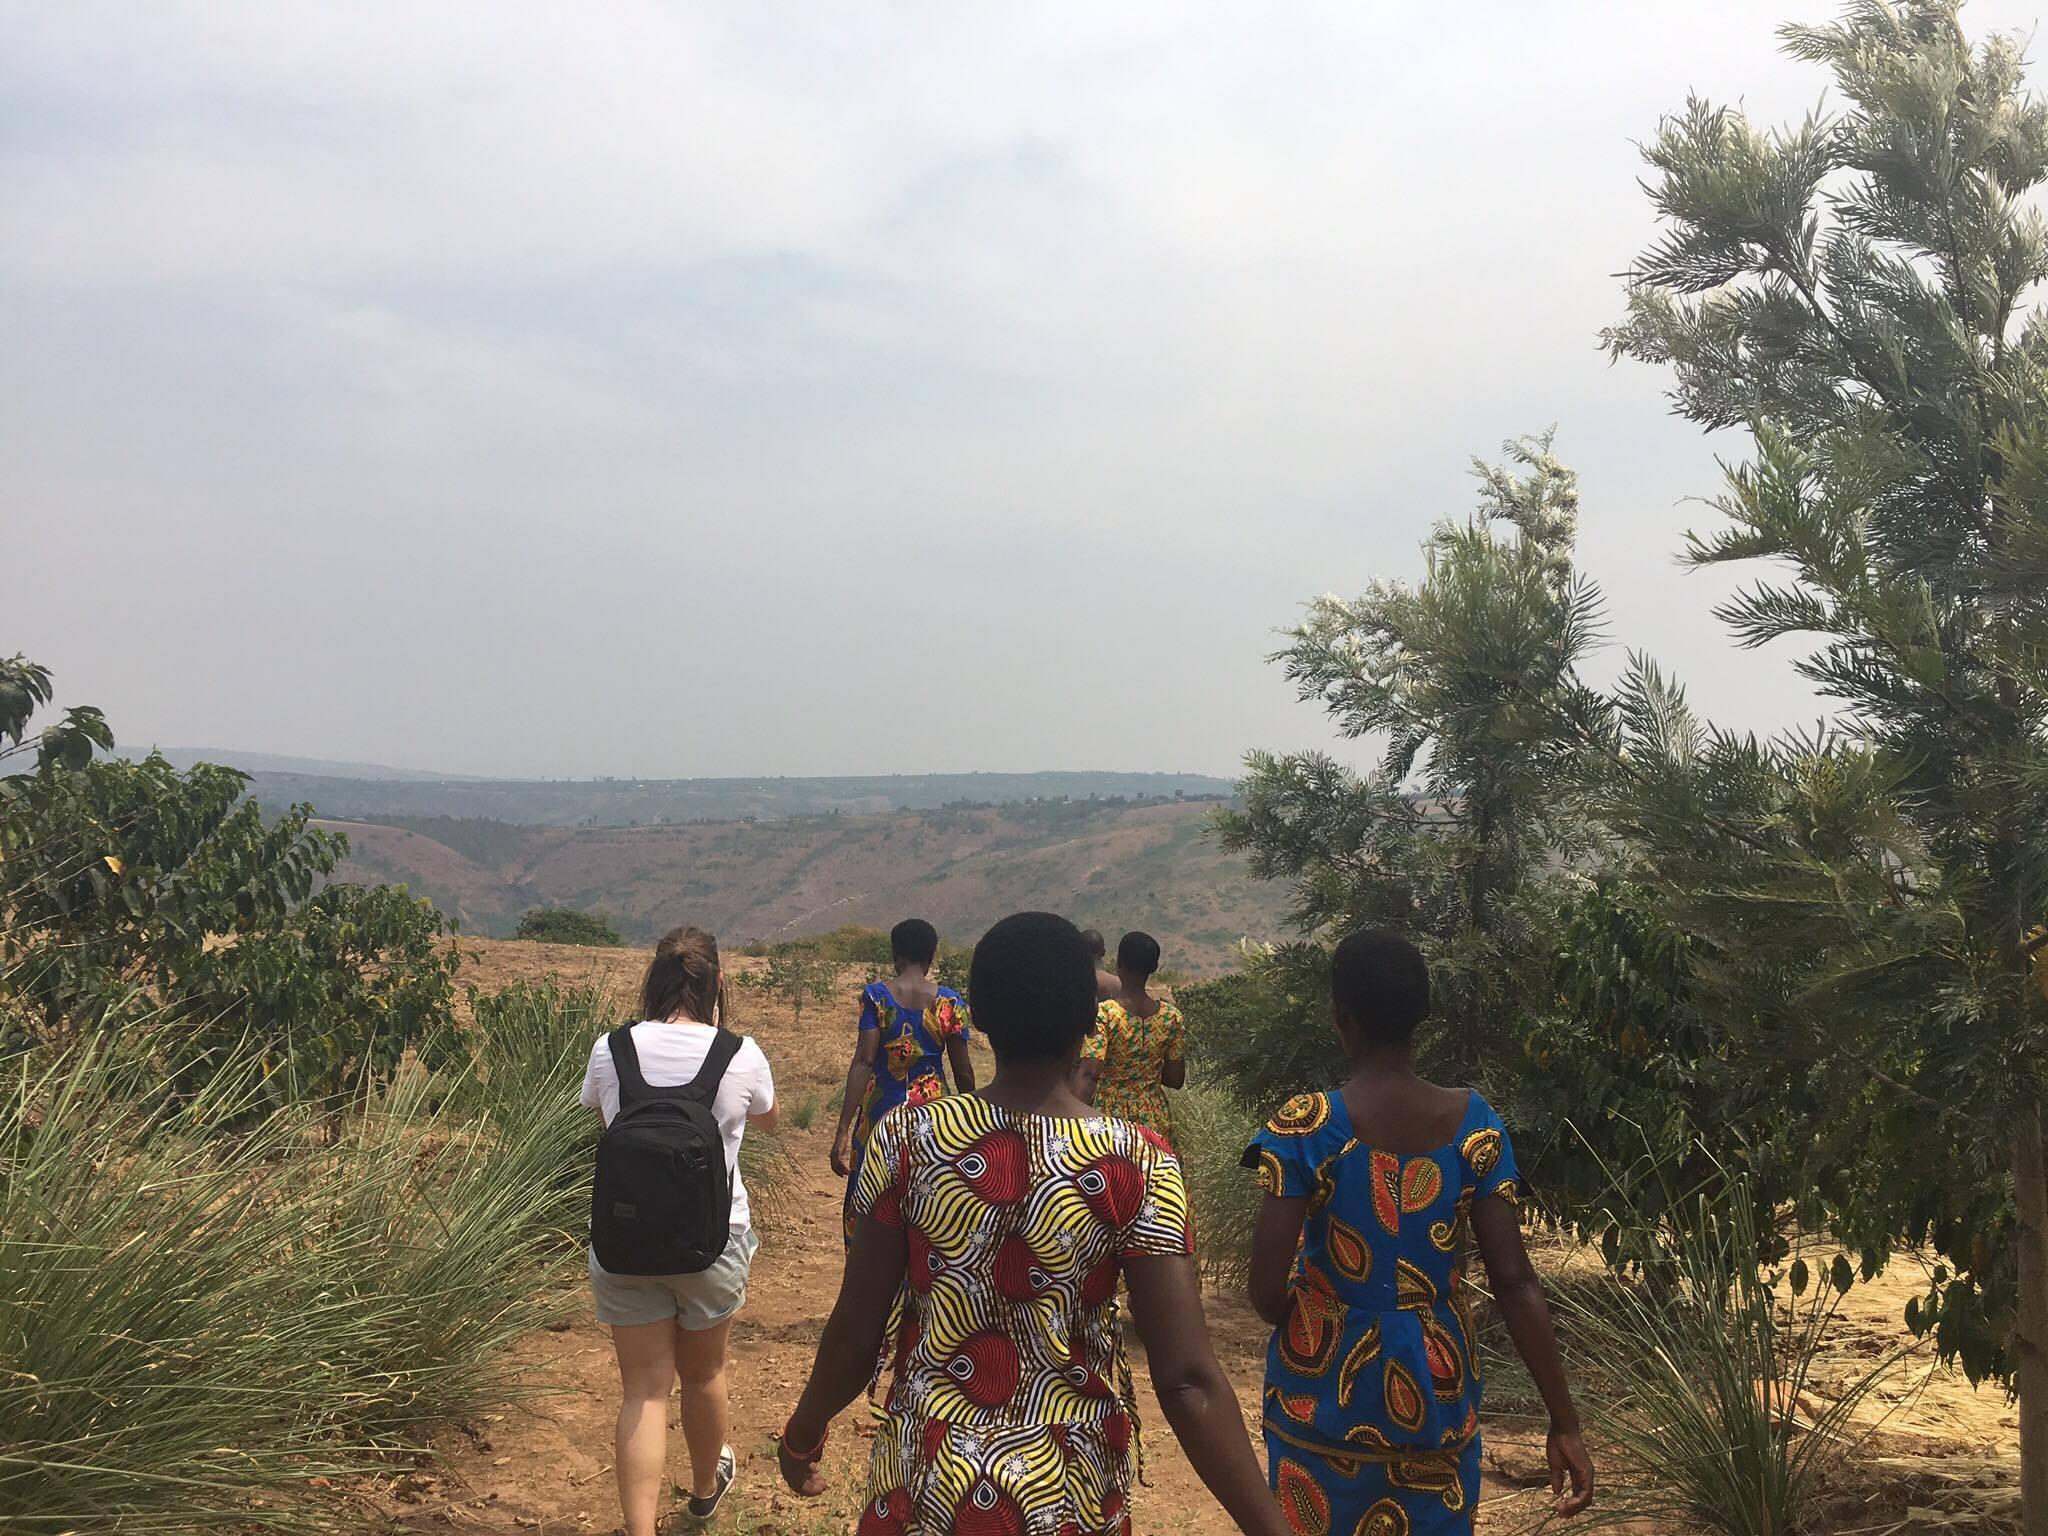 Twongere Umusaruro Walking to the farm Twongere Umusaruro Seeds Rwanda